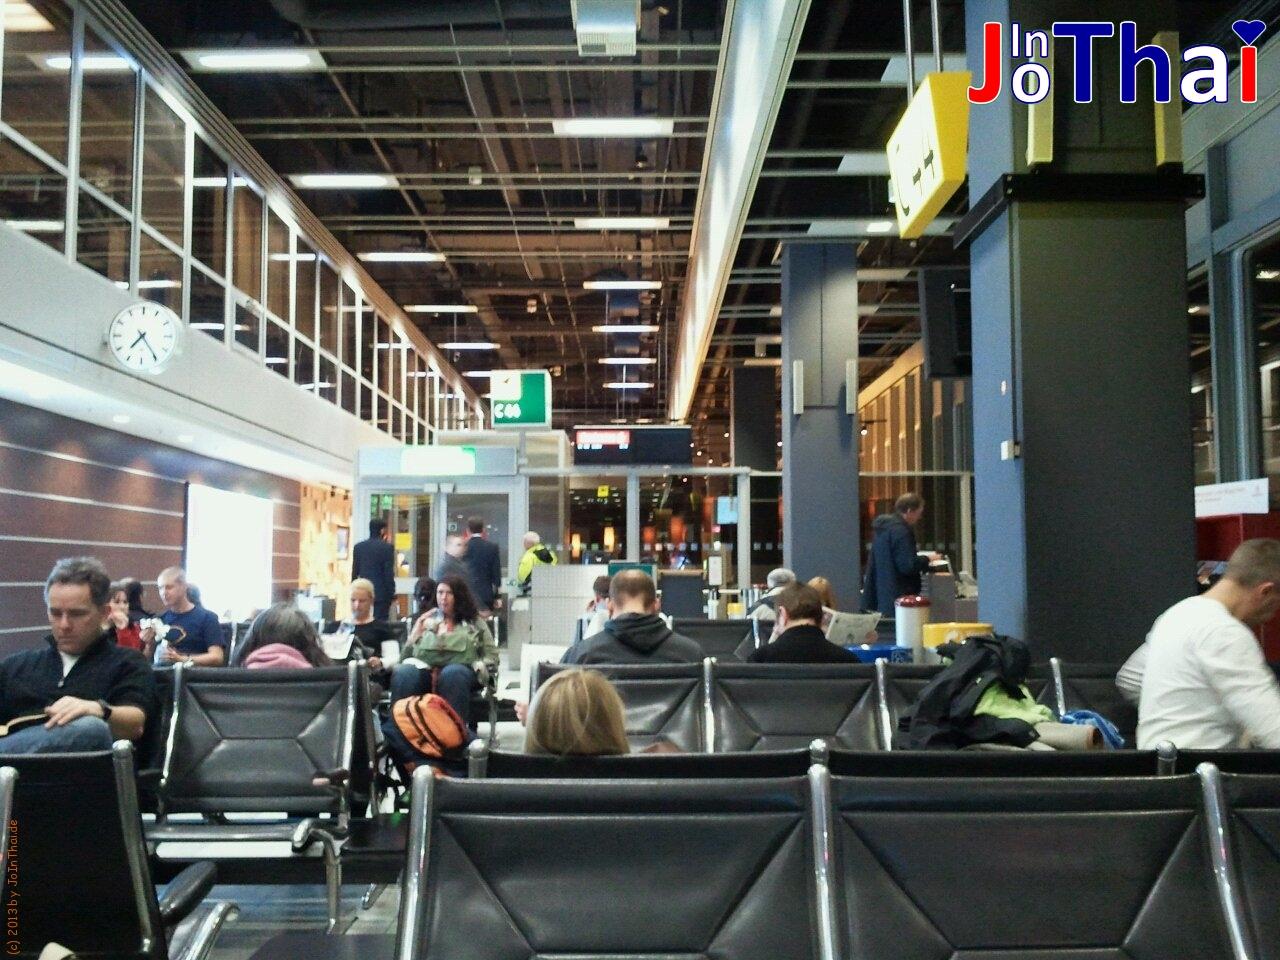 Am Abflug-Gate 44 - Düsseldorf - Flughafen